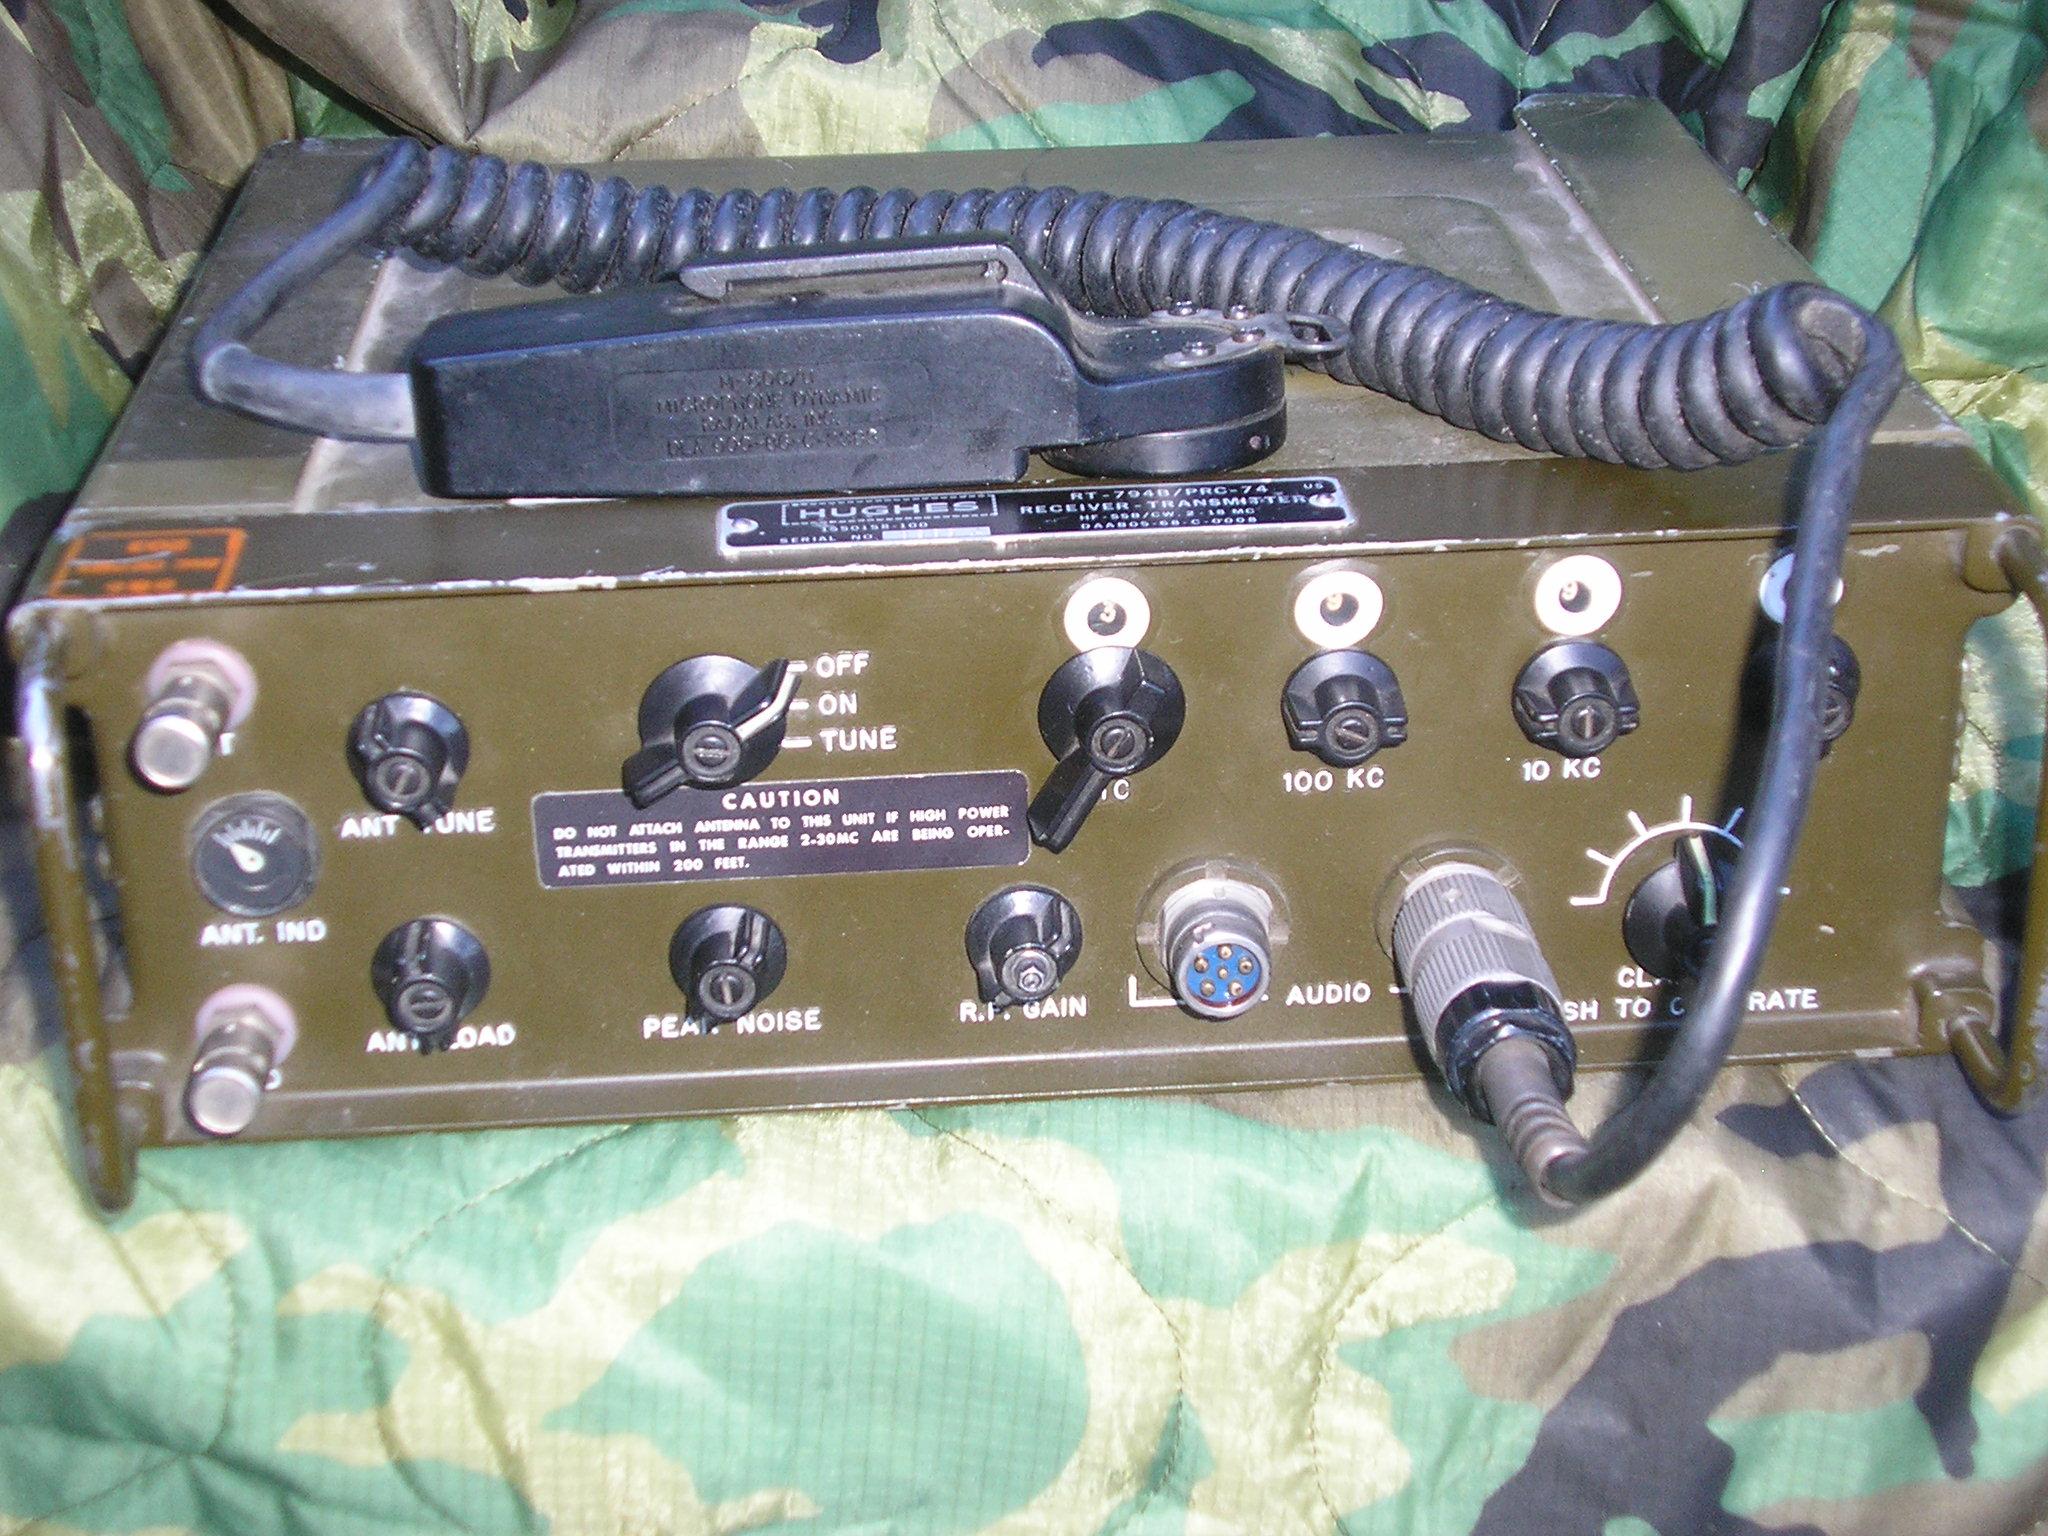 AN/PRC-74 SSB/CW Manpack Transceiver